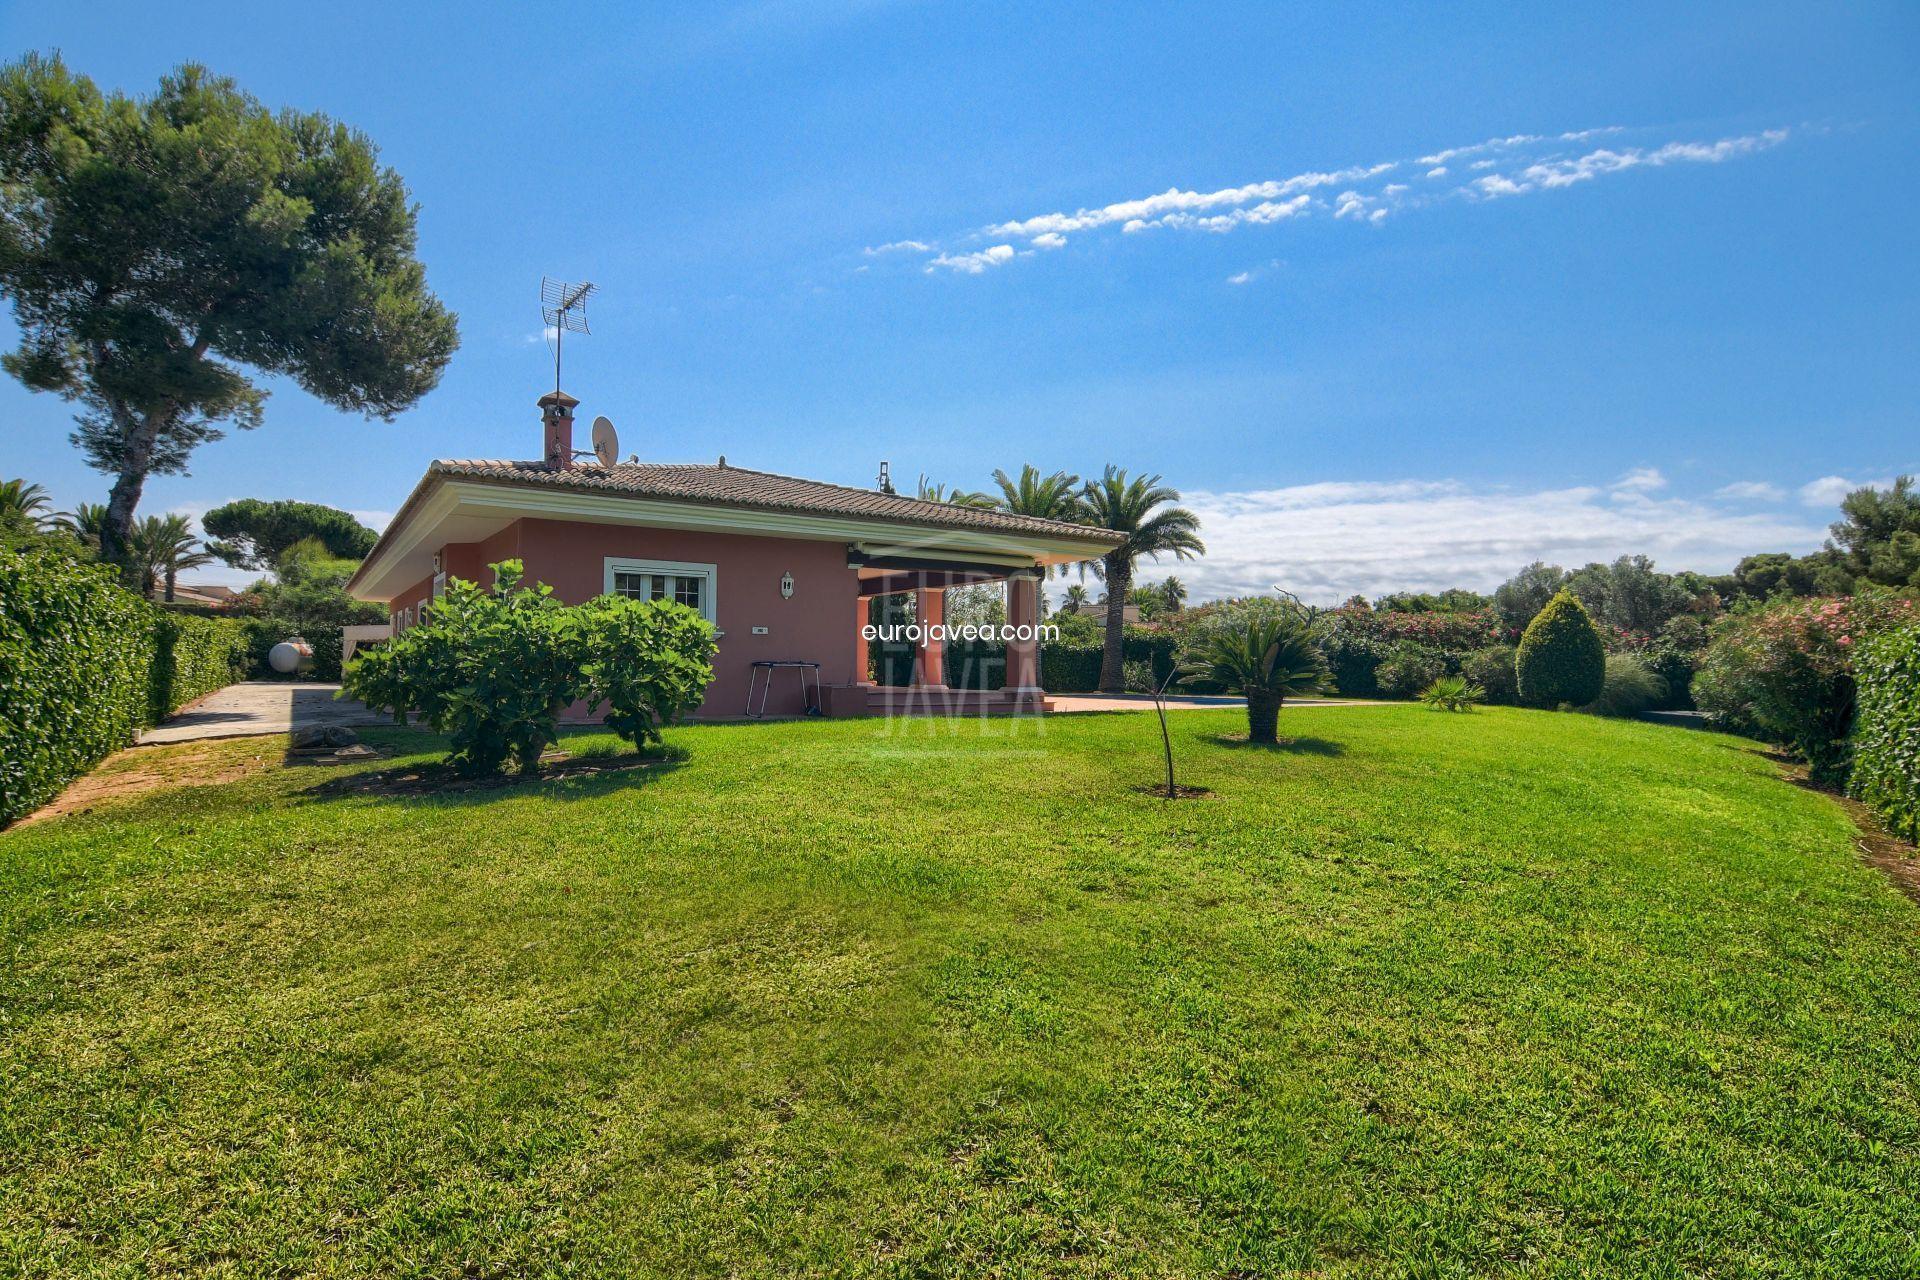 Villa a la venta en Jávea en zona tranquila toda en un nivel a pocos minutos en coche de la playa del Arenal